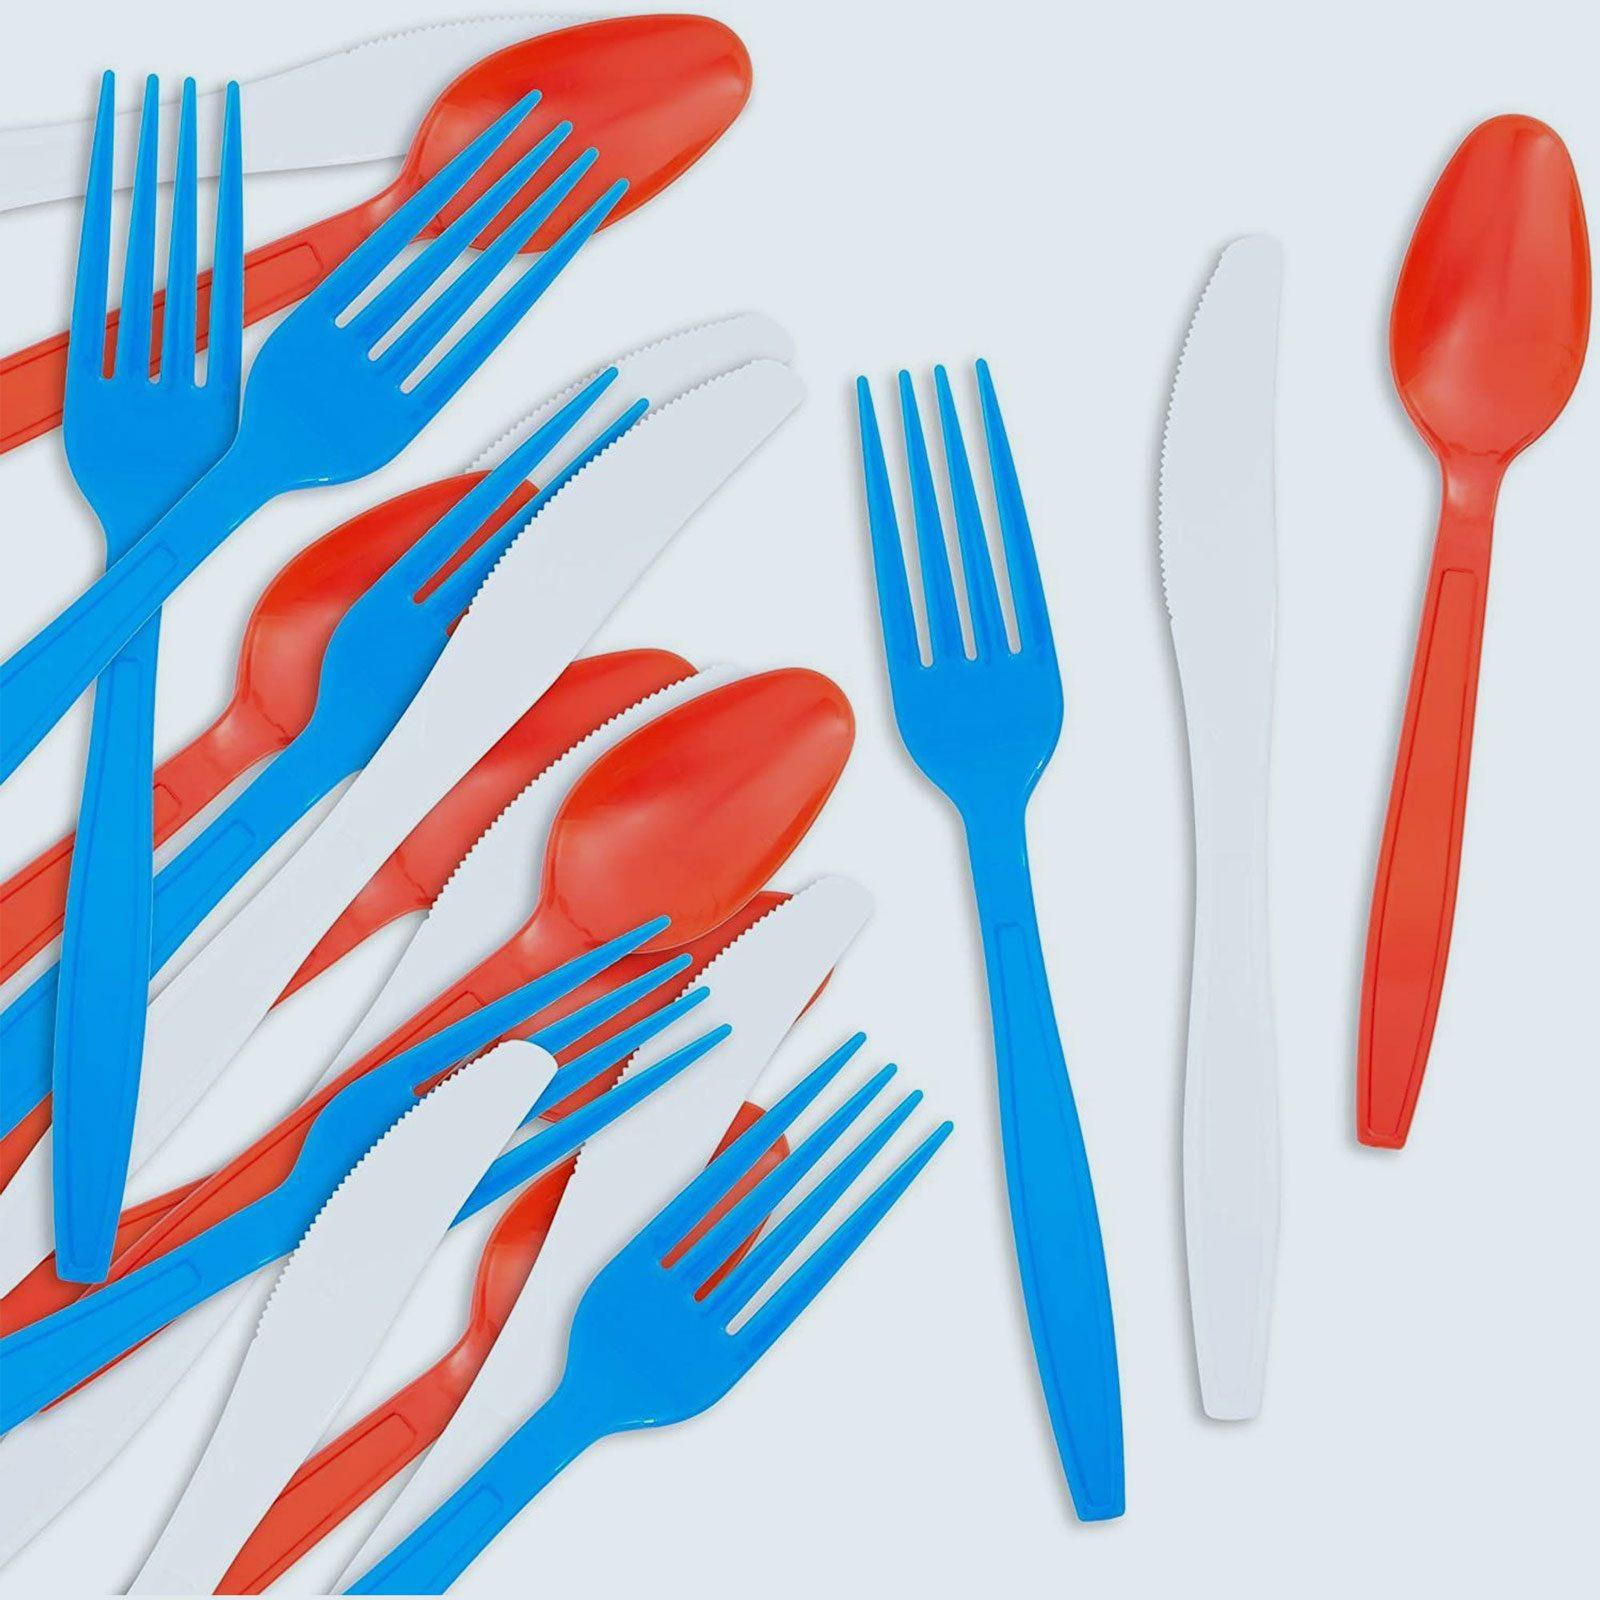 Patriotic Plastic Silverware